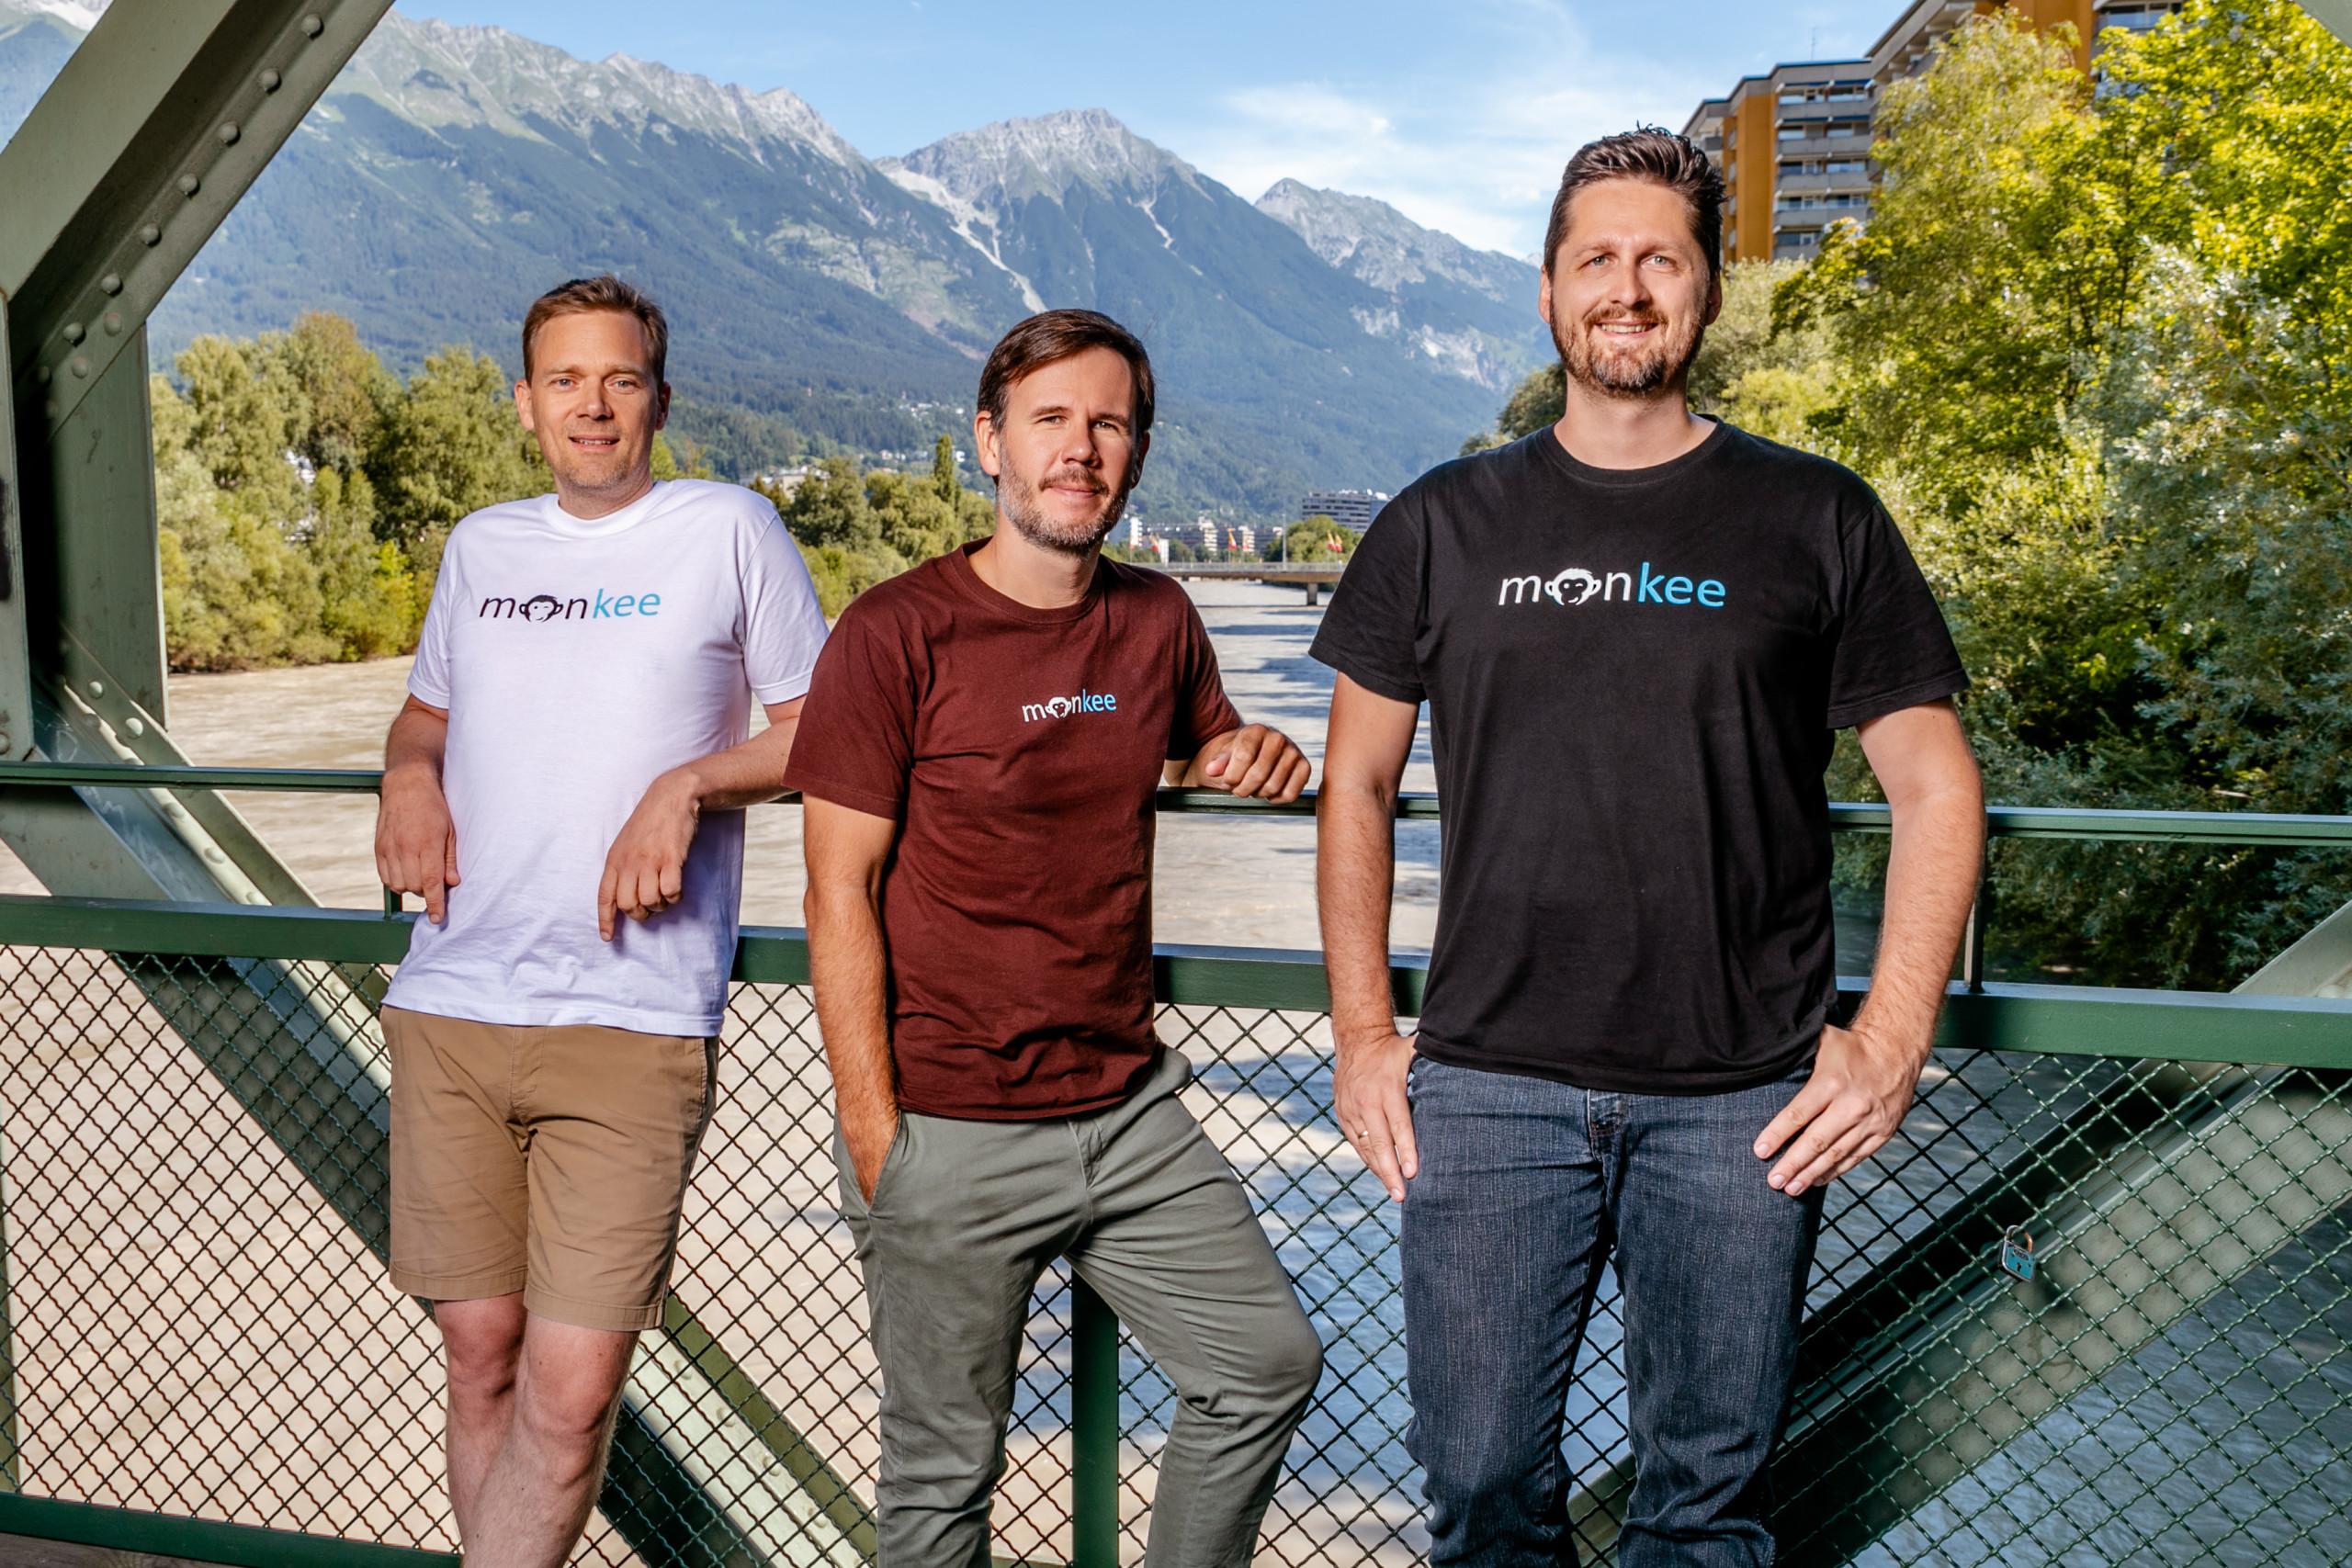 Martin Granig gründete ein Startup, mit dessen Hilfe Menschen schon heute auf Sparziele im Wert von 150 Mio. Euro sparen!